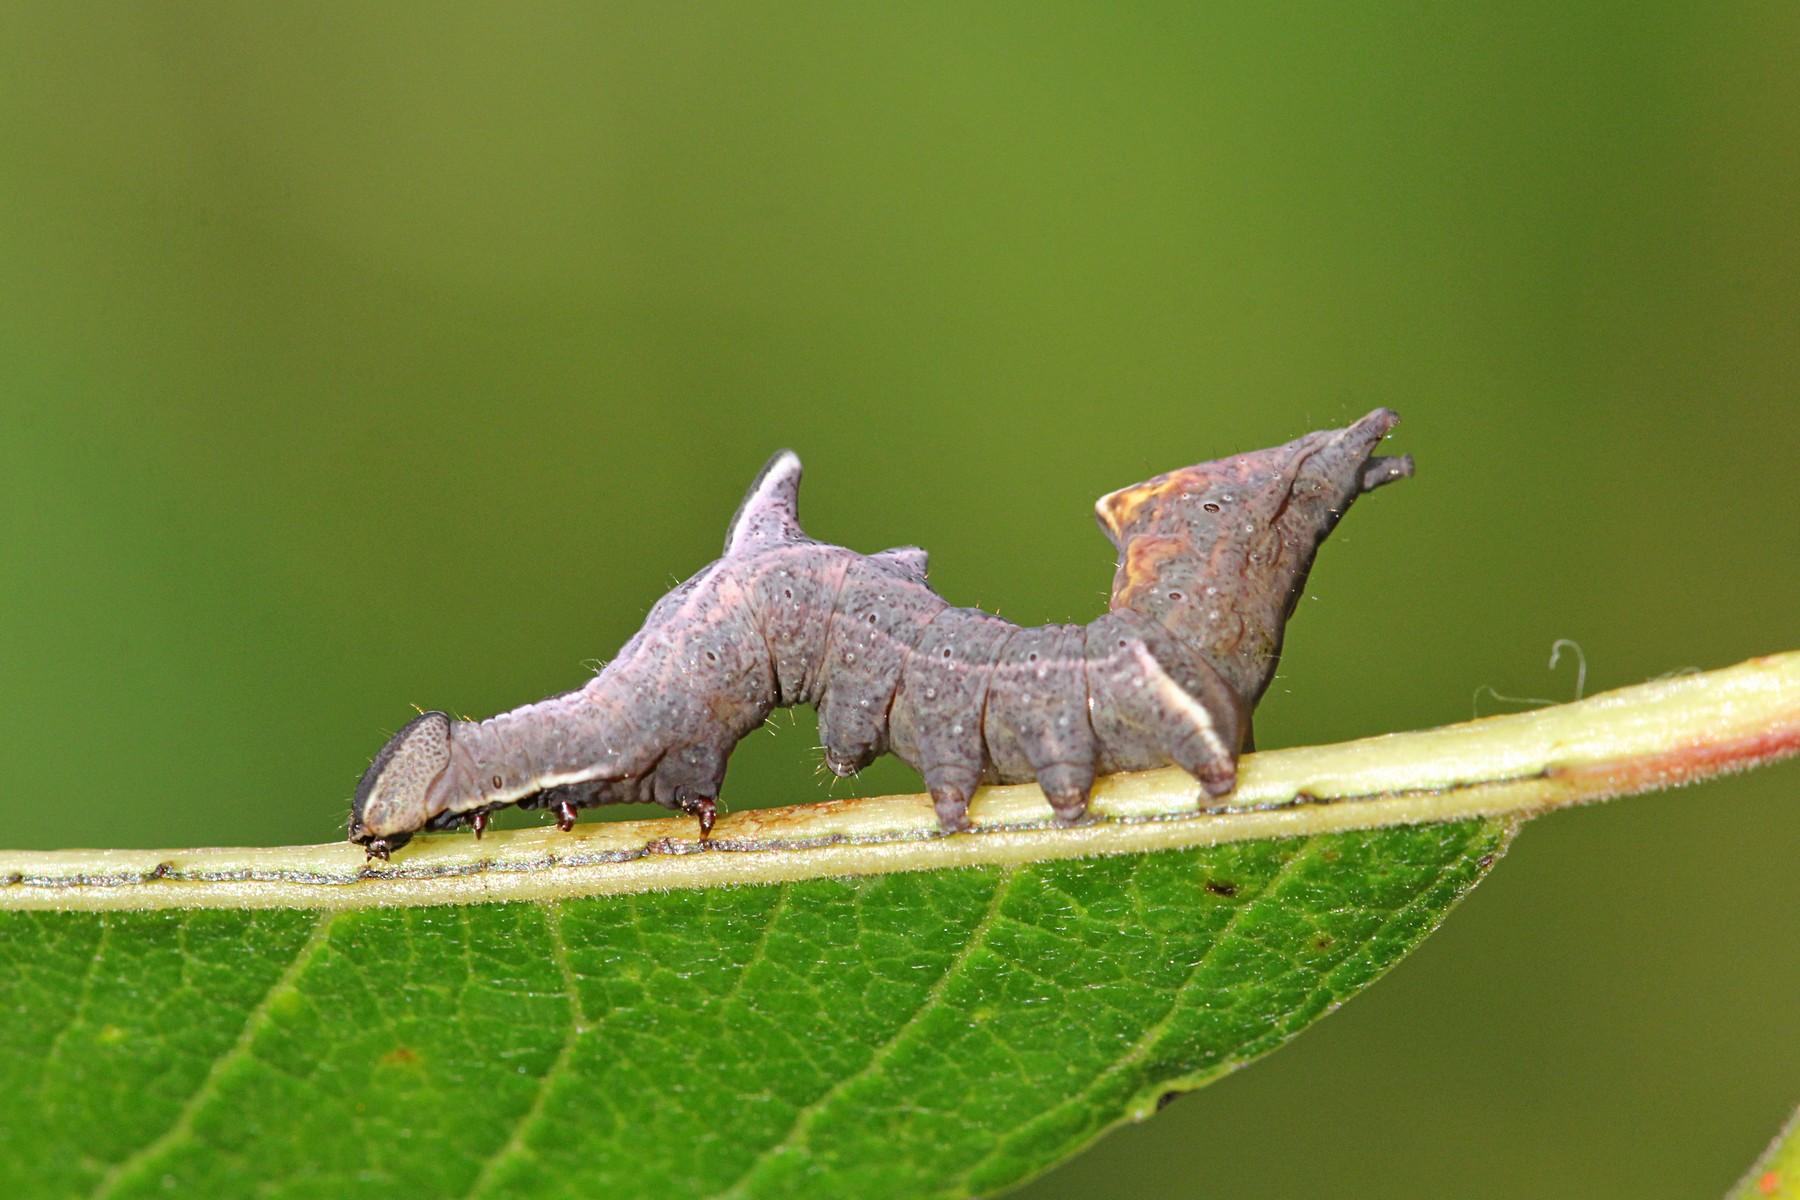 Хохлатка-зигзаг (Notodontia ziczac), гусеница